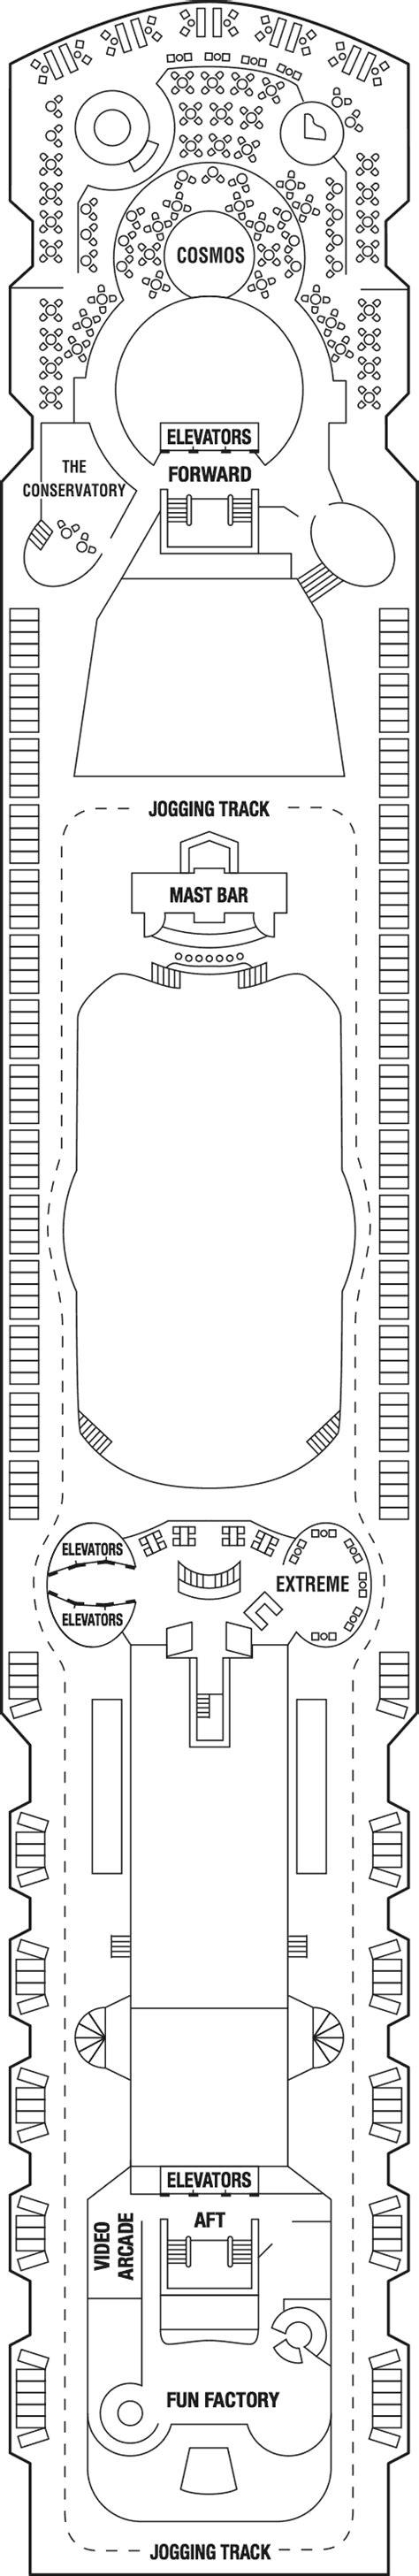 millennium deck plans